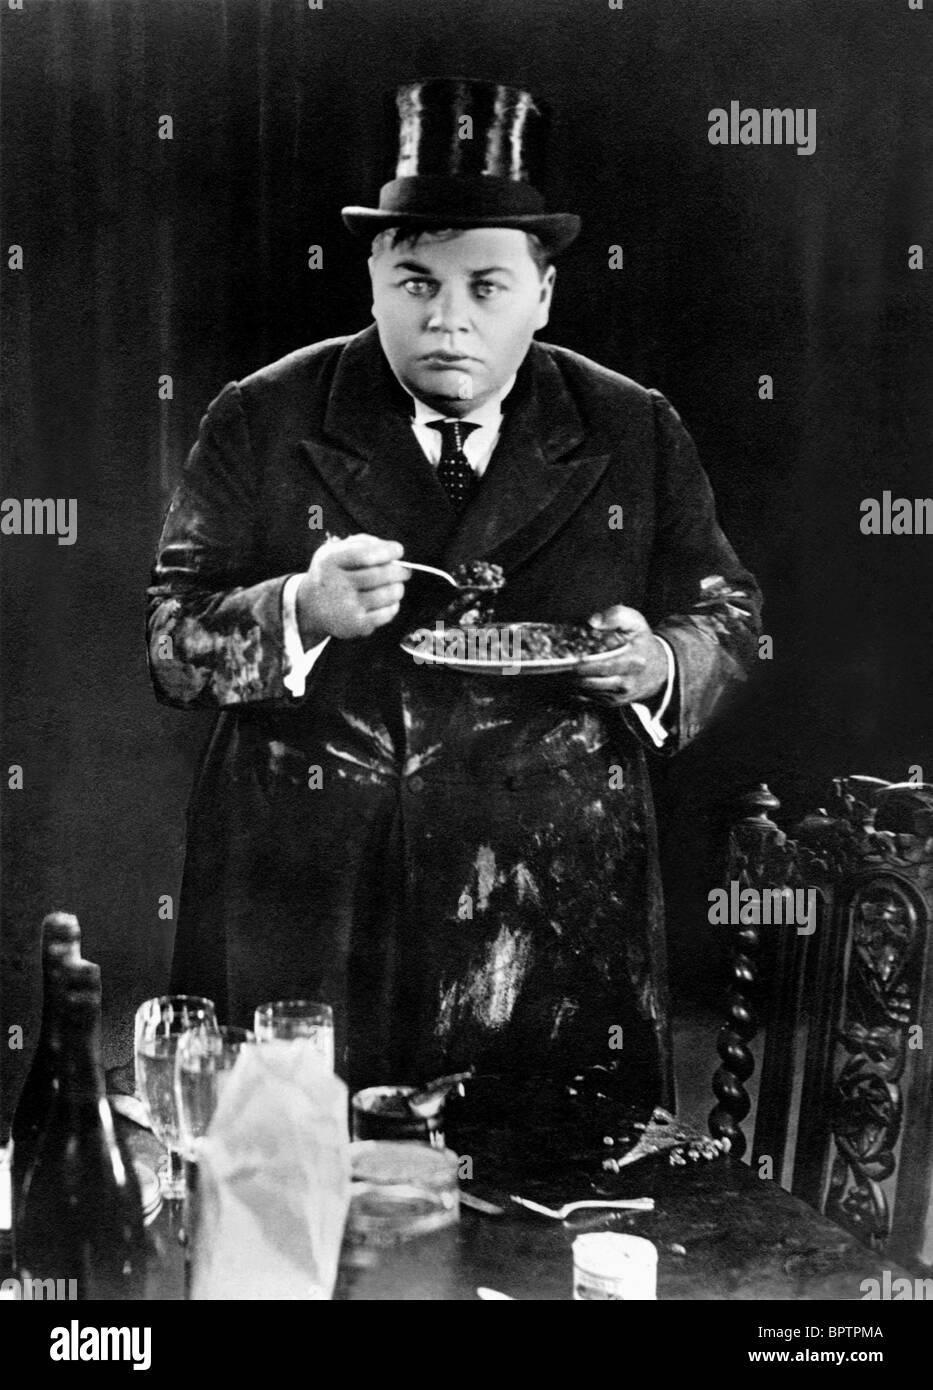 ROSCO ARBUCKLE grassi attore (1910) Immagini Stock